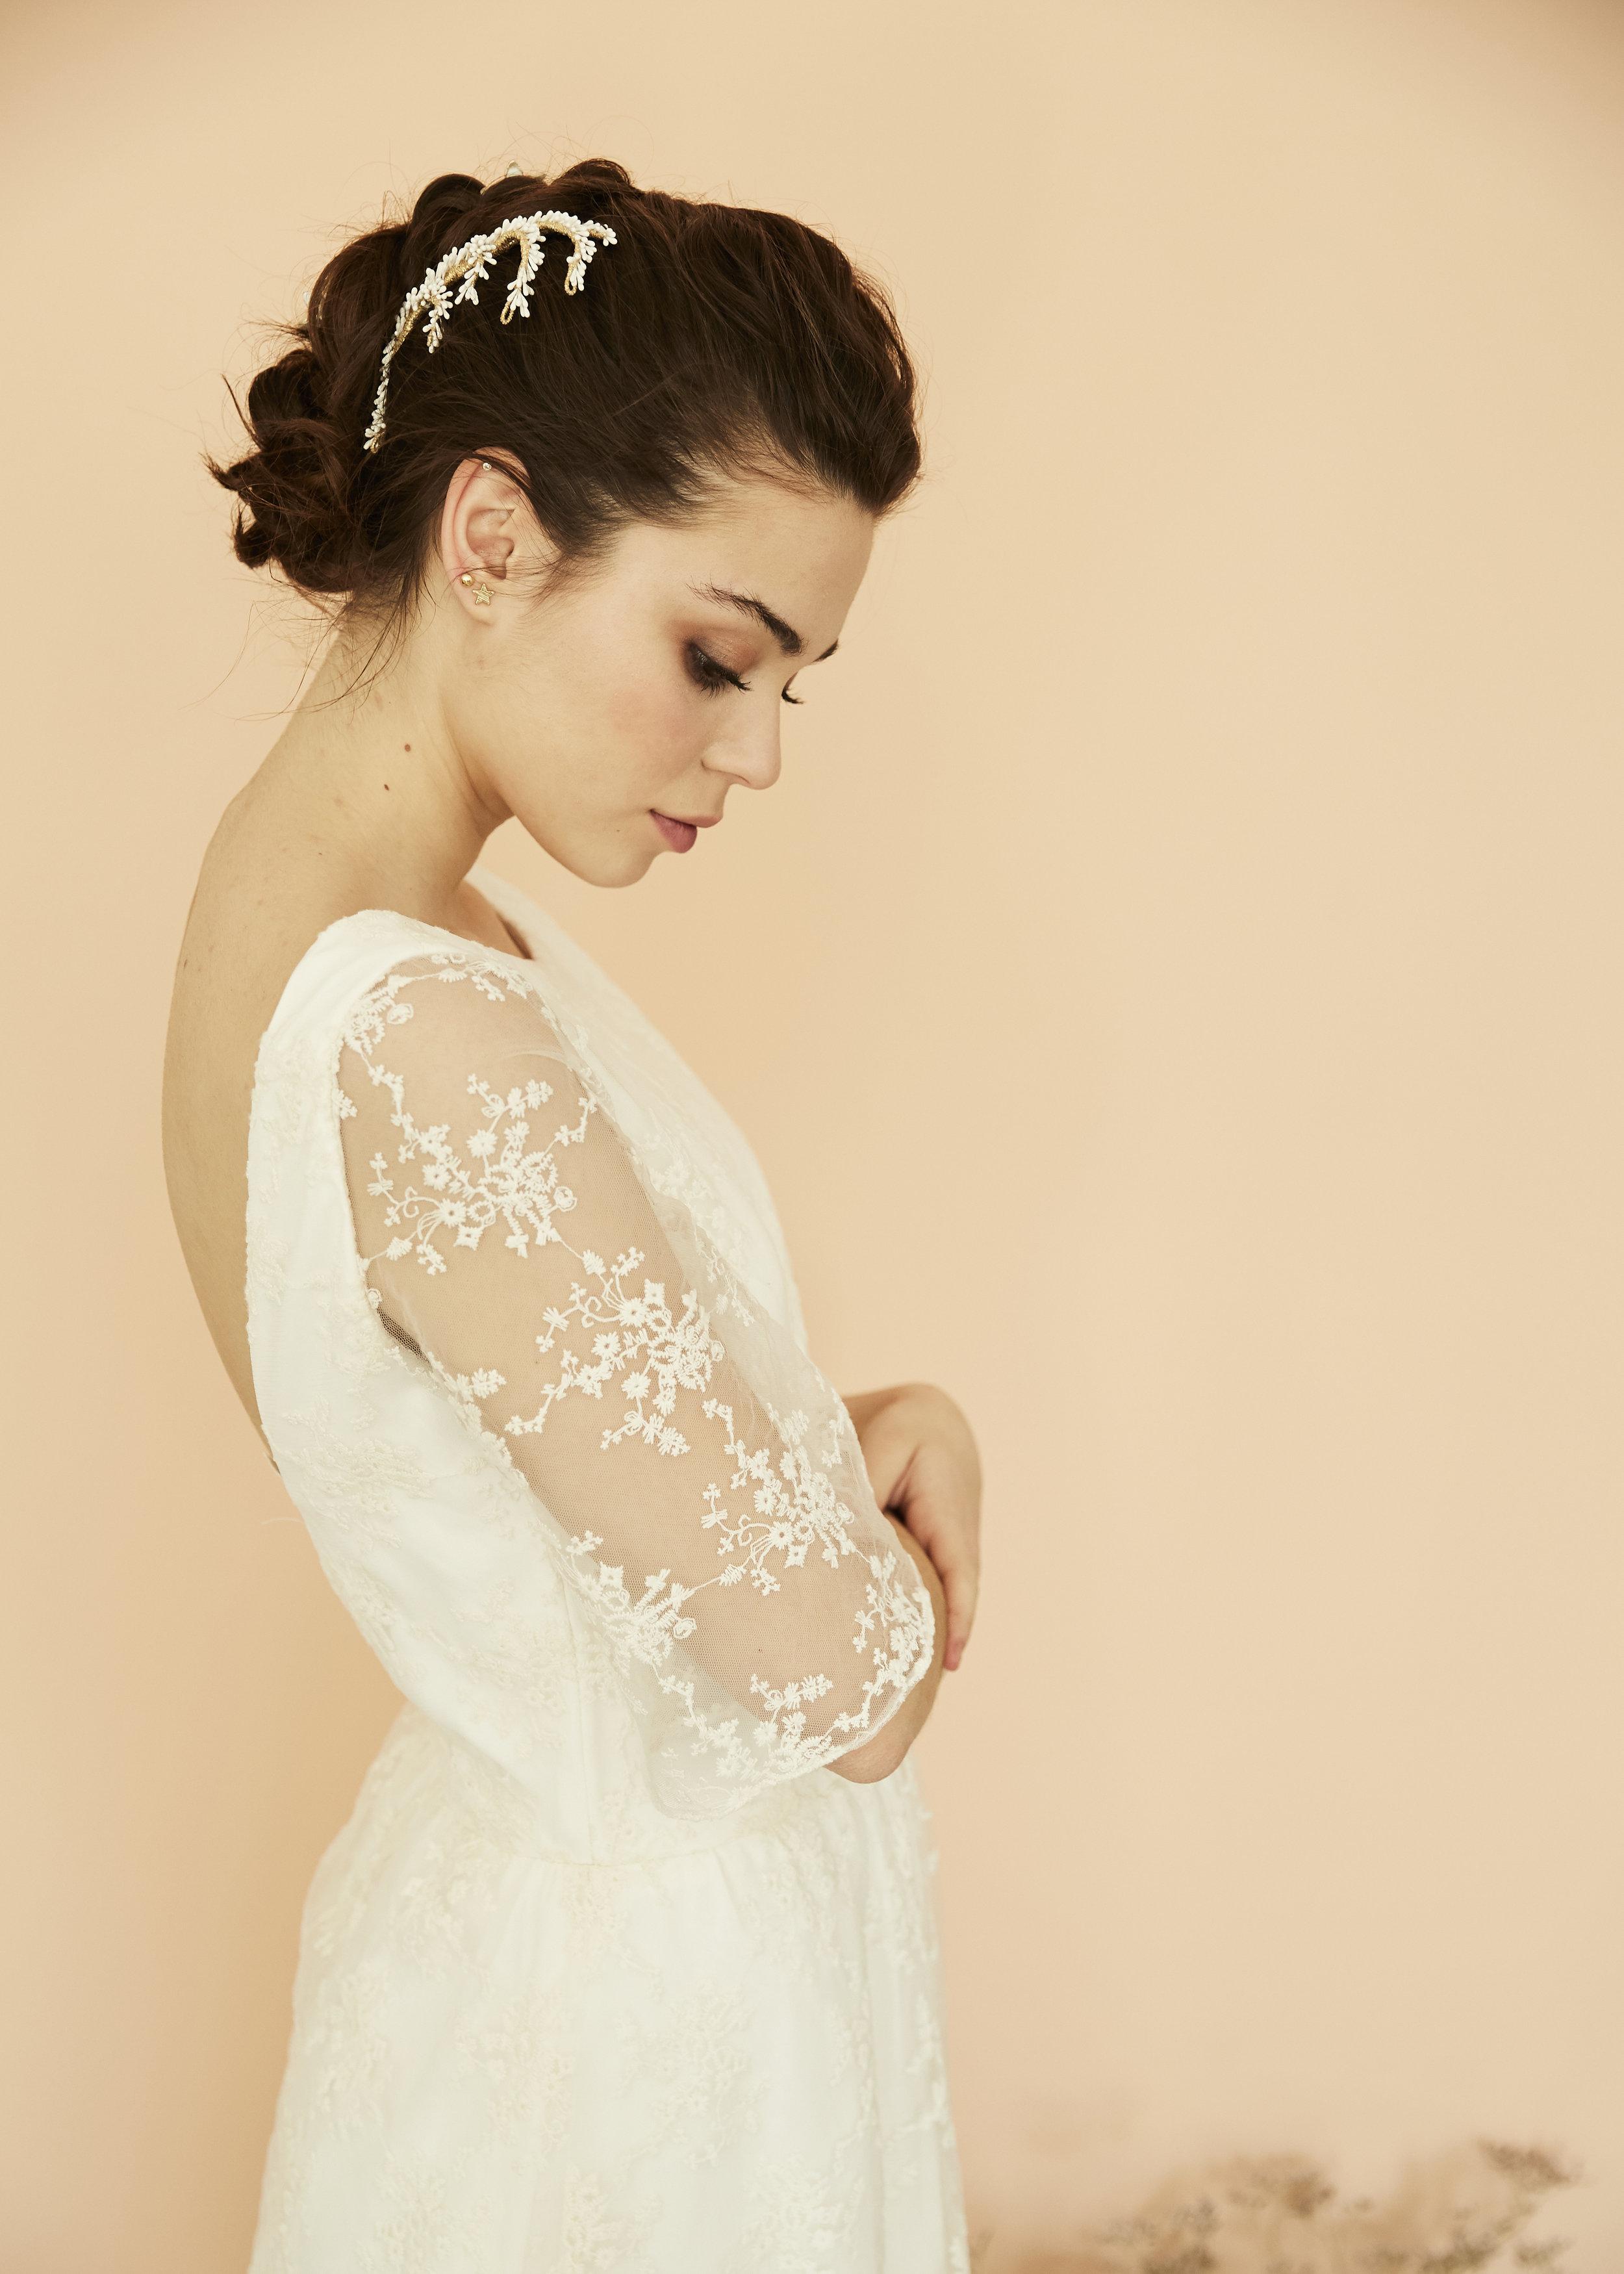 Irene con vestido · T o d é · @lauralomasdesign  Tocado de  @alophila  modelo: ✨ tocado Marta  Pendientes: @acus_complementos  modelo: ✨Gold star✨ ♥️  Foto: @maritutunni  Maquillaje: @tespin.makeup